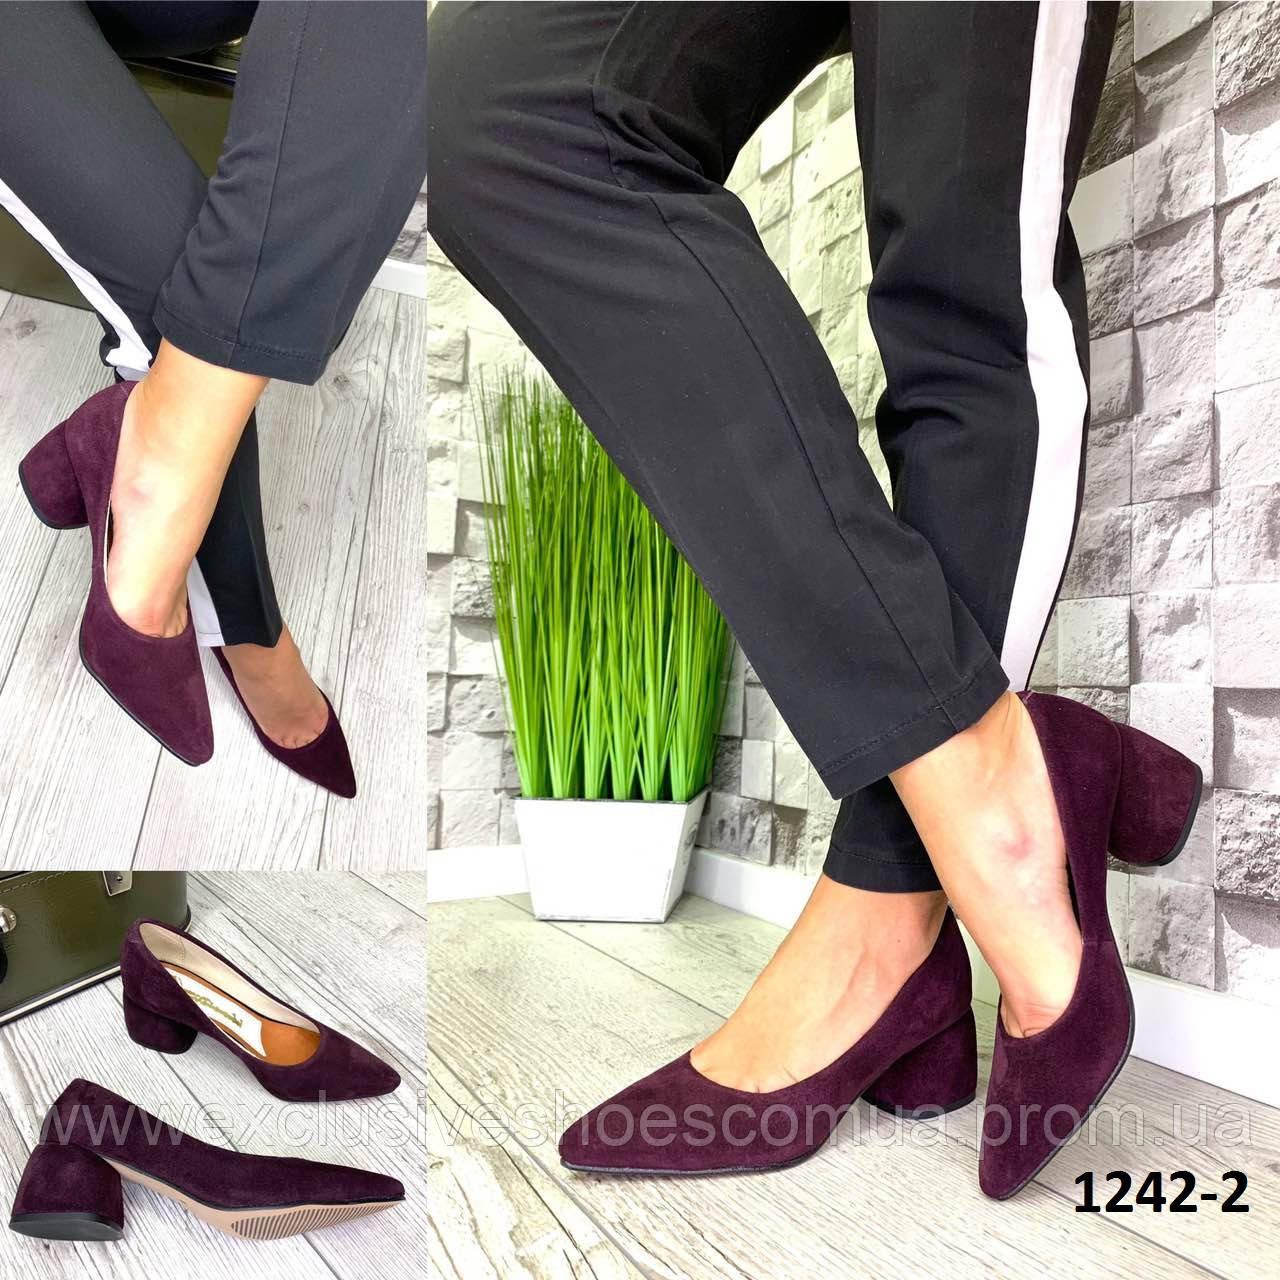 Туфли женские замшевые сливовые на каблуке остроносые лодочки